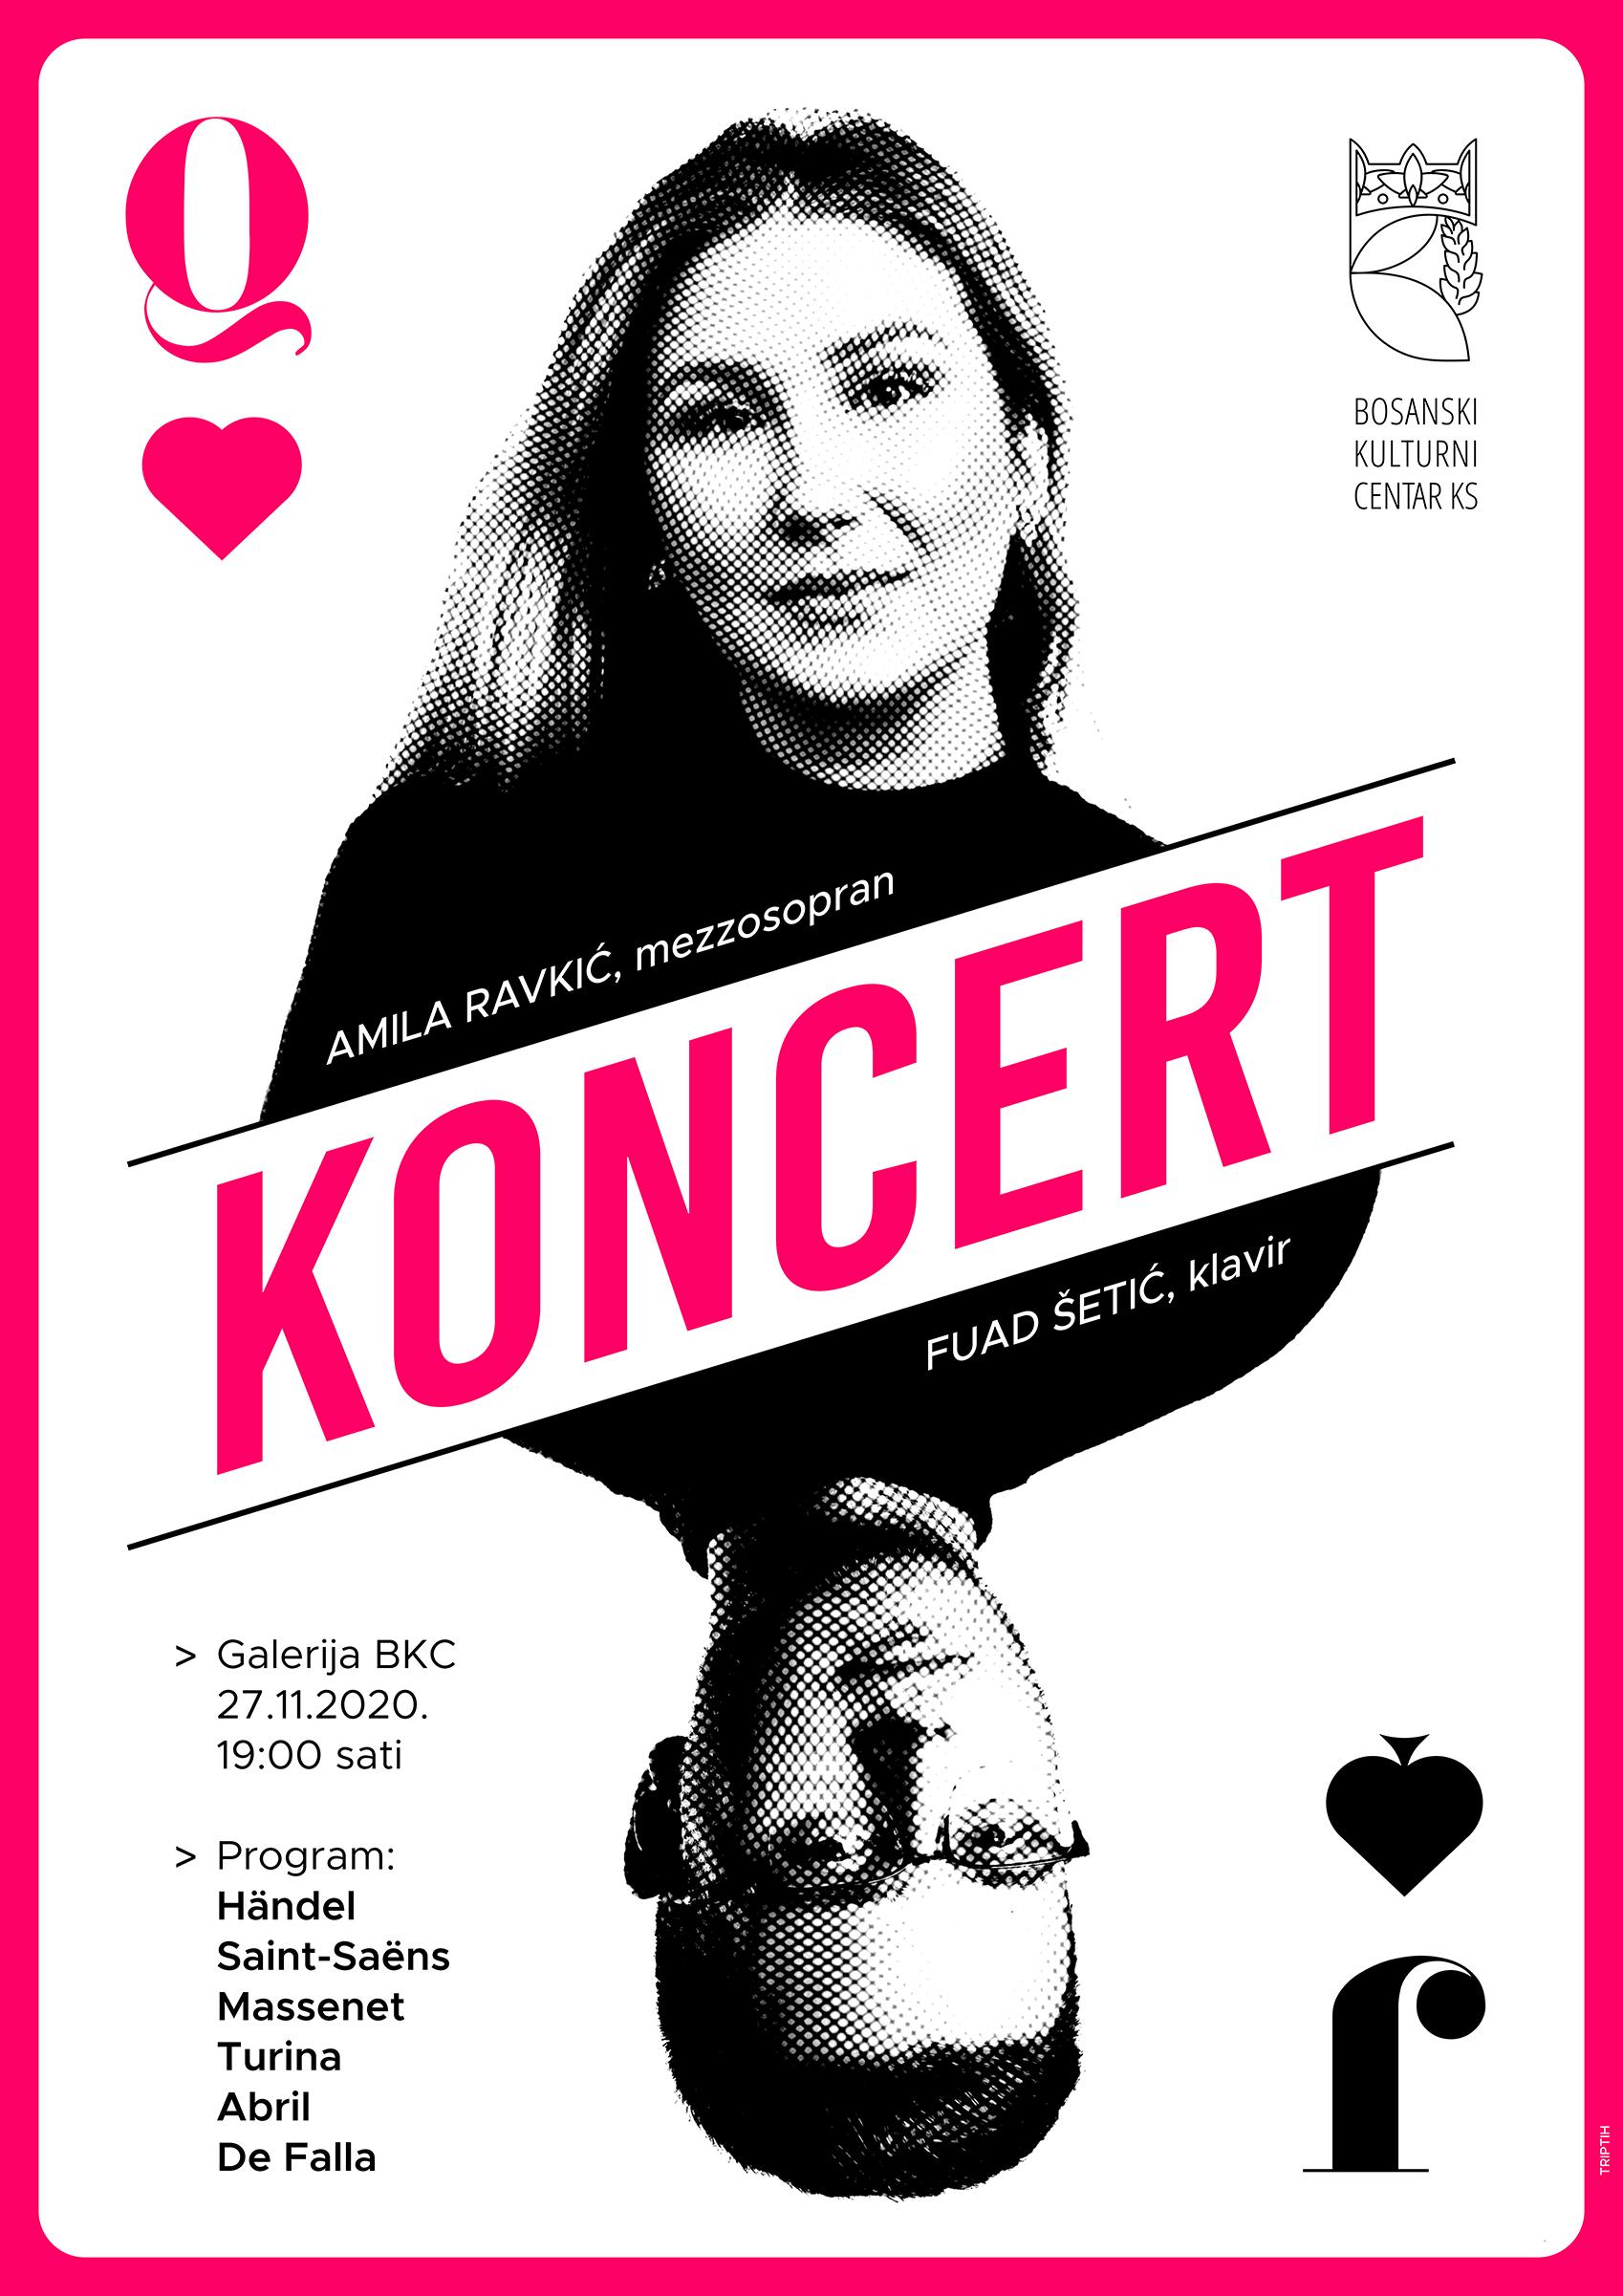 Koncert za glas i klavir, Amila Ravkić, mezzosopran, Fuad Šetić, klavir, 27. 11. 2020. JU BKC KS